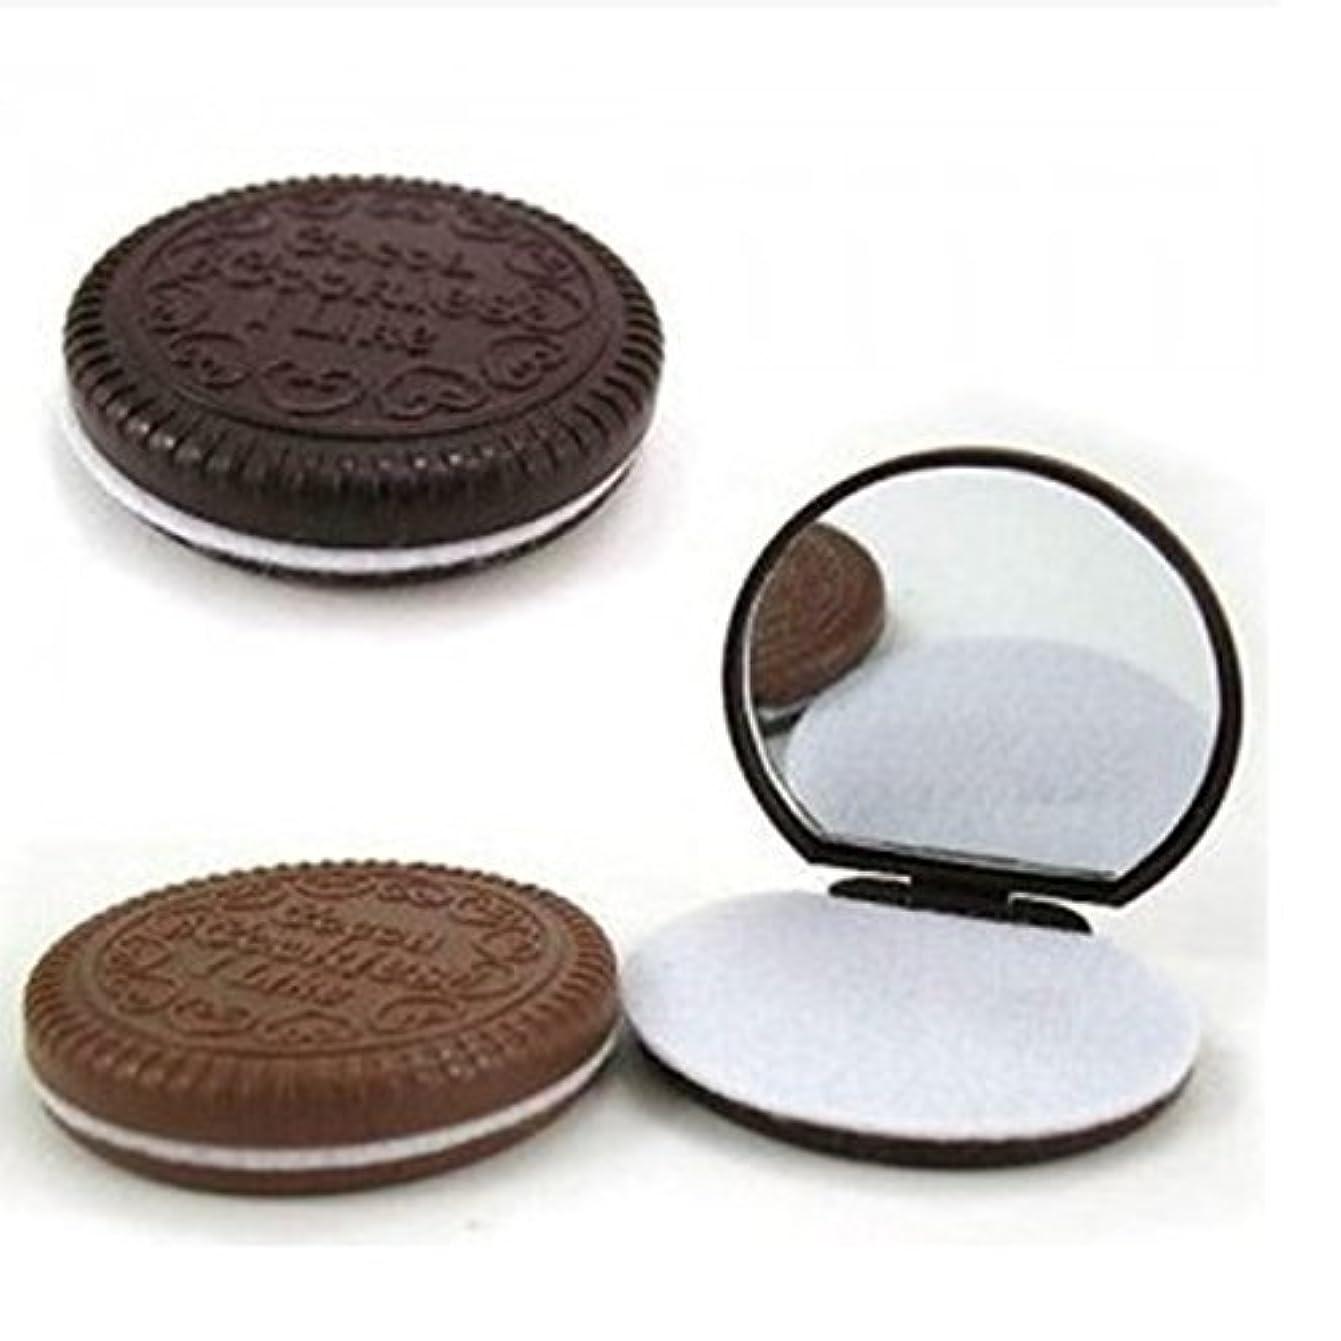 道路を作るプロセス大理石テーブル3 Pcs Cute Chocolate Makeup Mirror With Comb Women Hand Pocket Compact Makeup Tools Great Gift [並行輸入品]